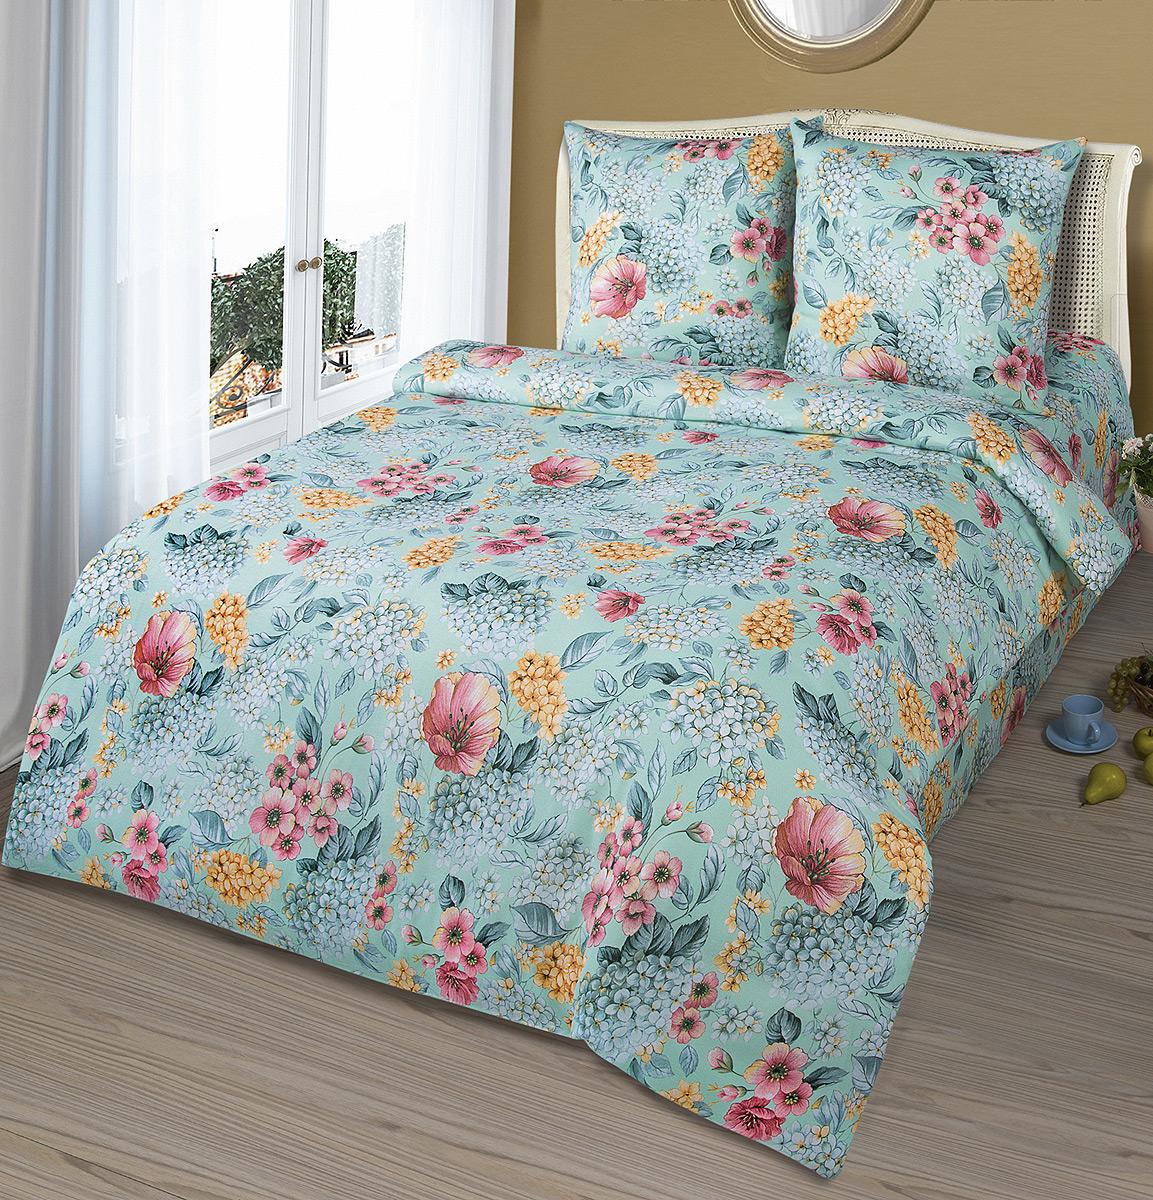 Комплект белья Шоколад Палермо, 1,5-спальный, наволочки 70x70. Б100 шатура качели палермо премиум мебельная ткань